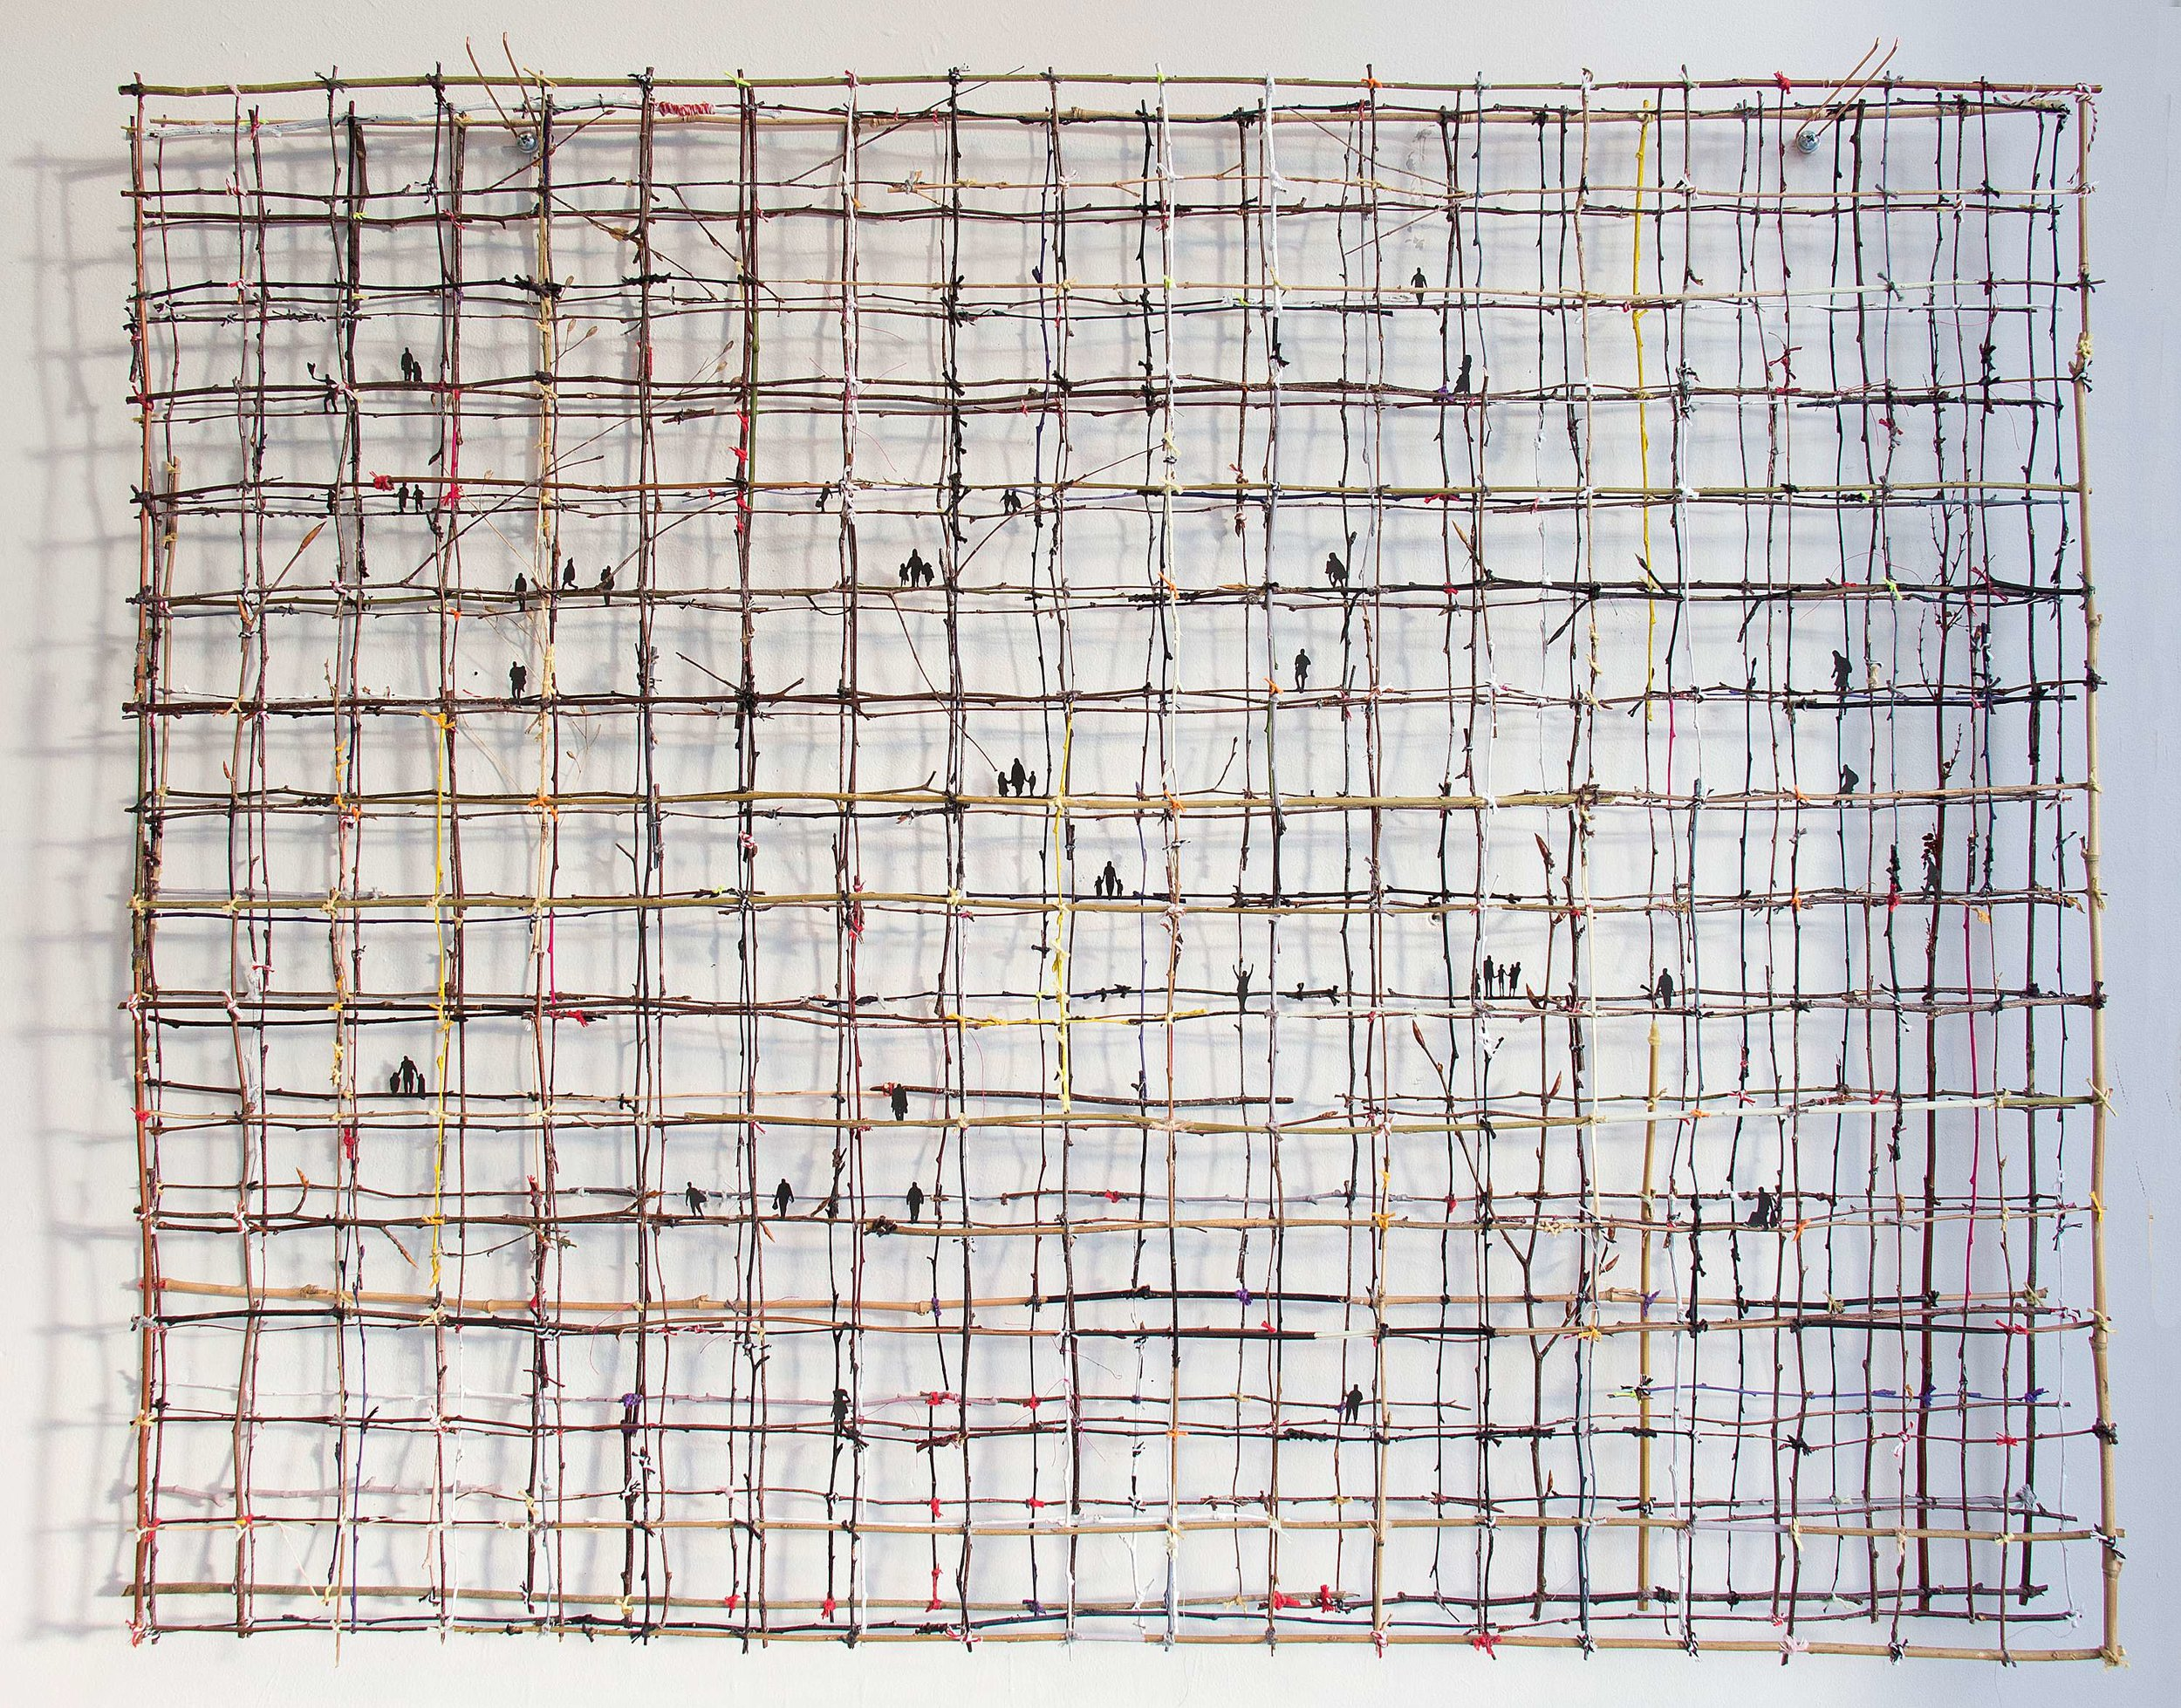 How Fragile We Are - Anita Groener; weergegeven in een uiterst breekbare structuur van twijgjes